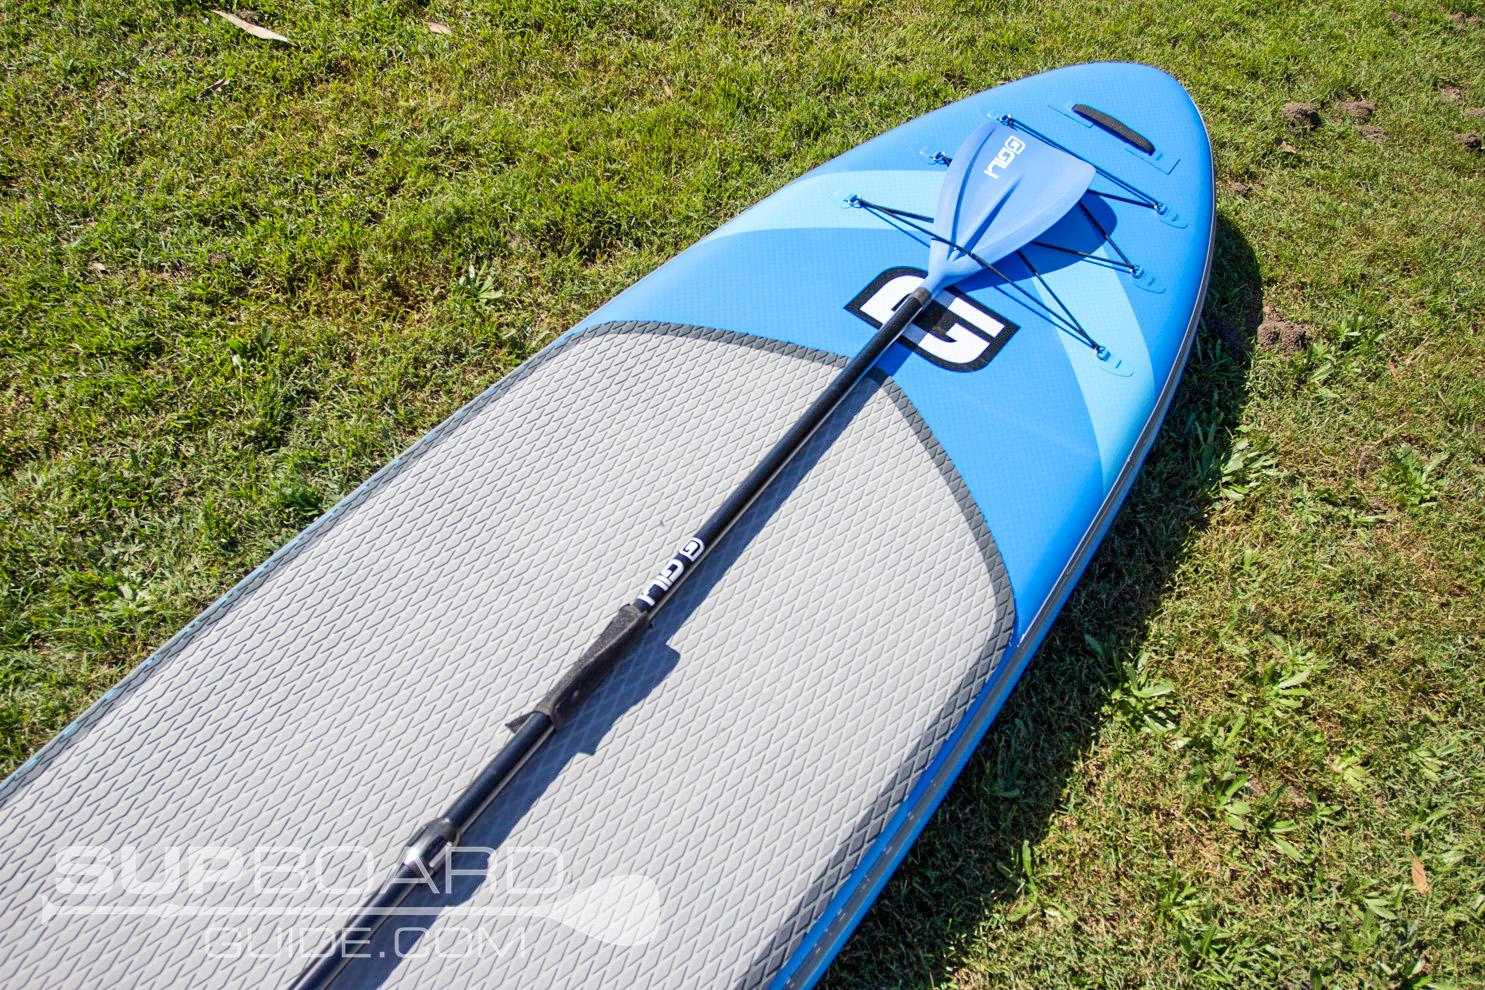 iSUP Paddle Holder